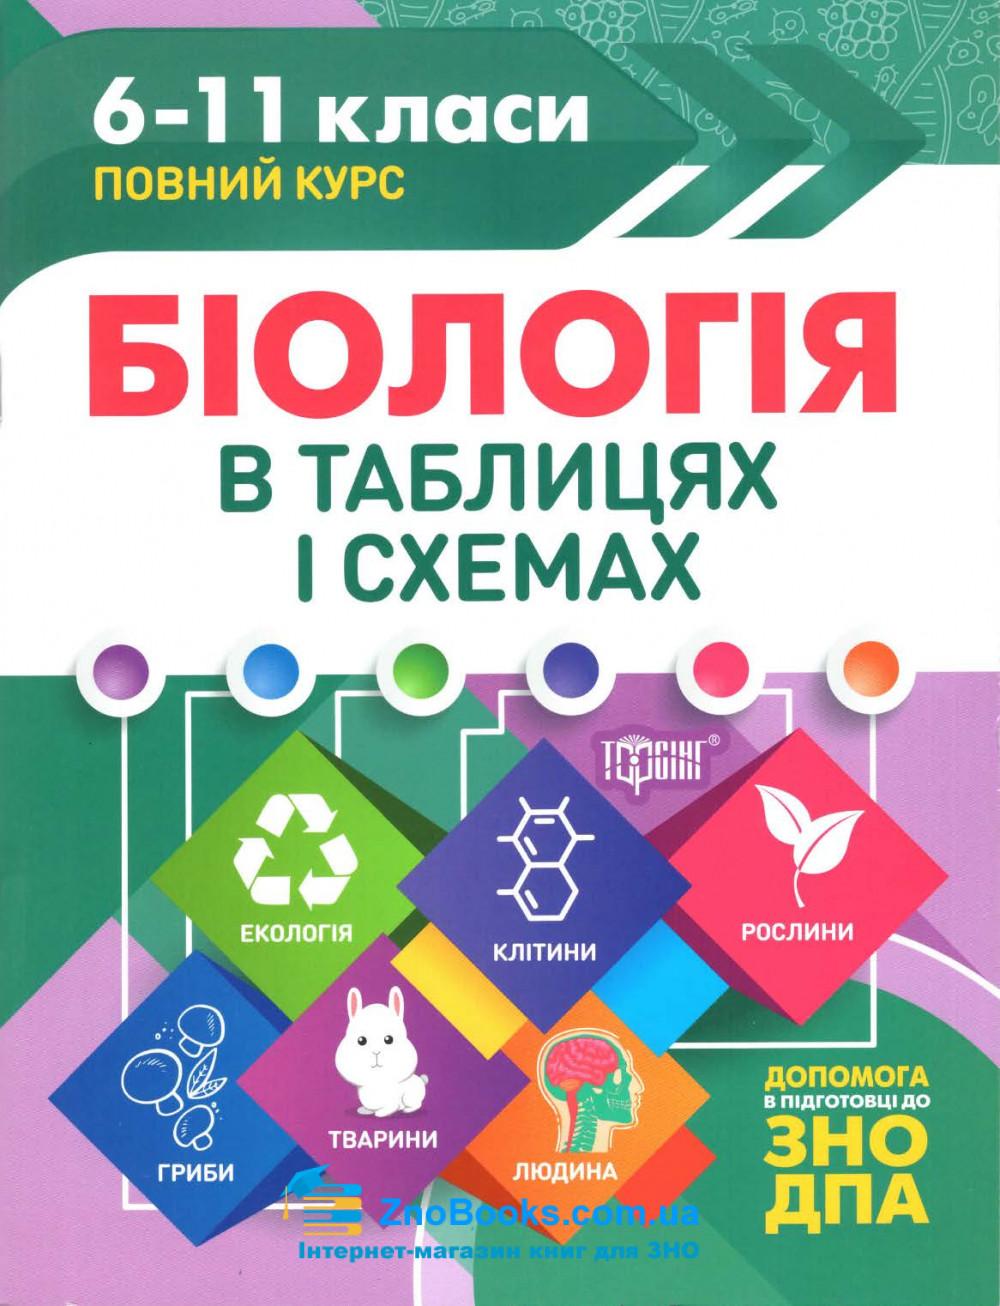 Таблиці та схеми. Біологія : Кравченко М. Торсінг. купити 0